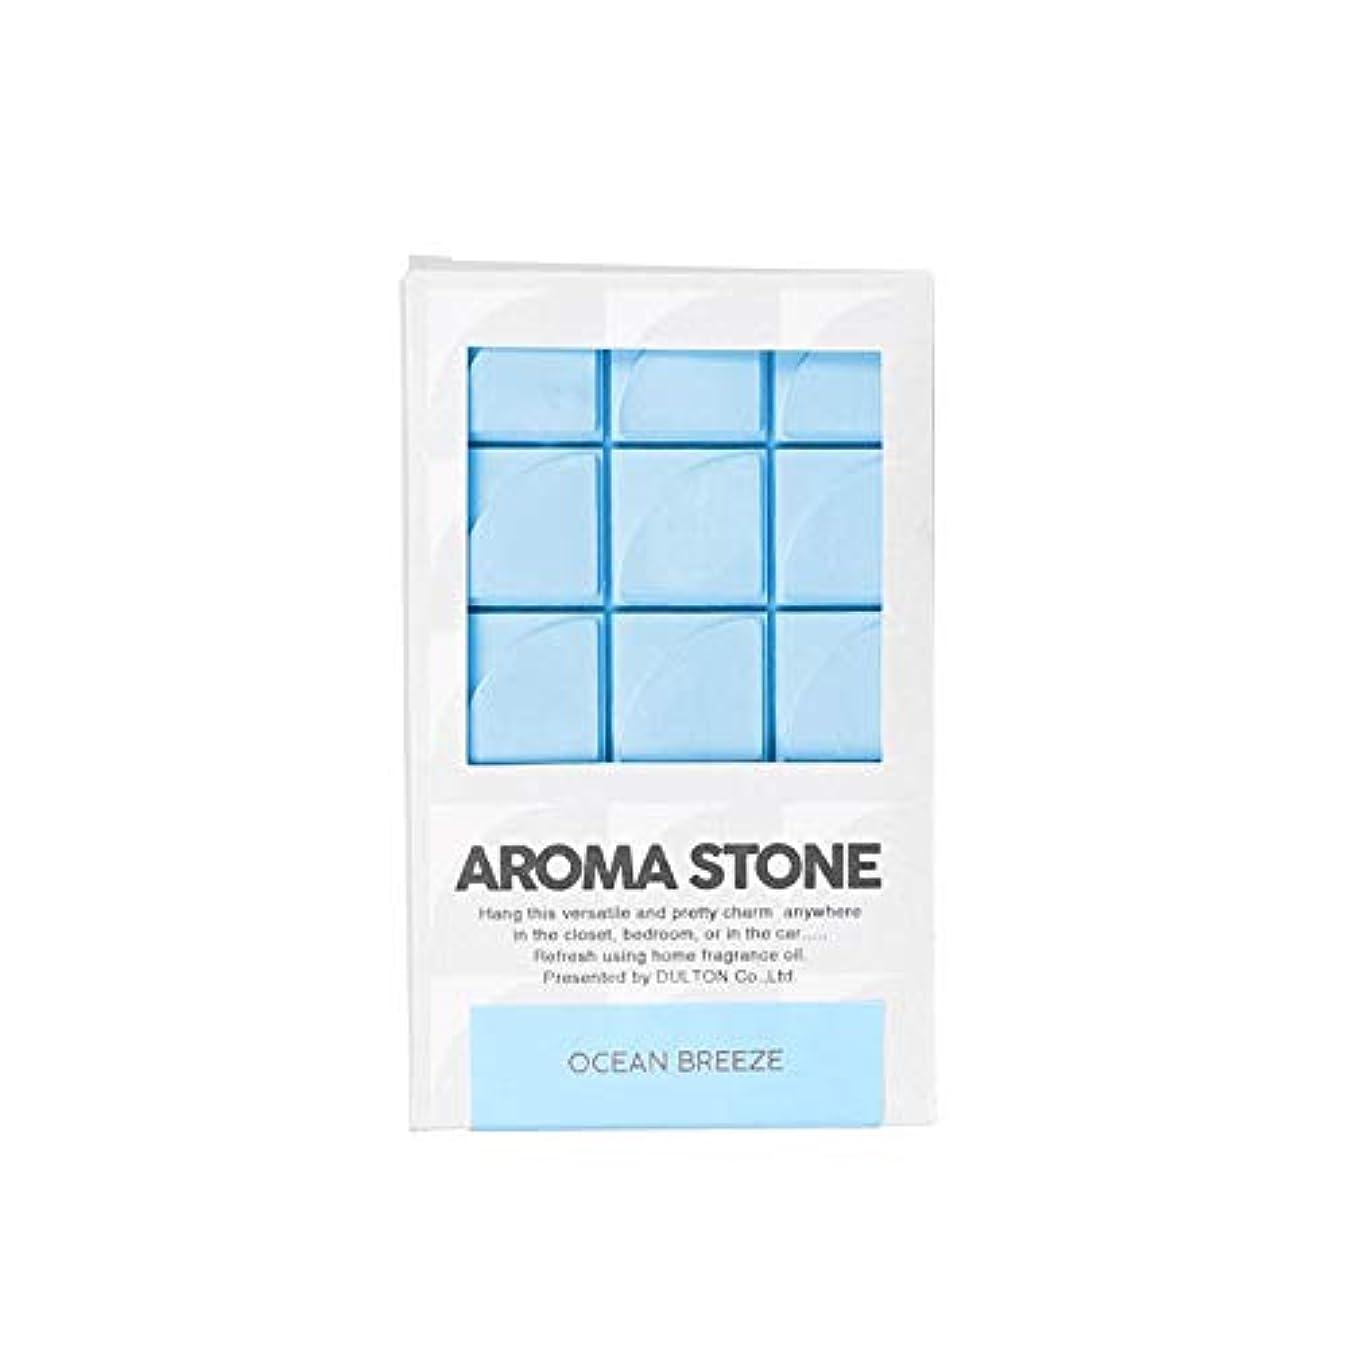 実り多い部分的野生ダルトン Aroma stone アロマストーン G975-1268 Ocean breeze